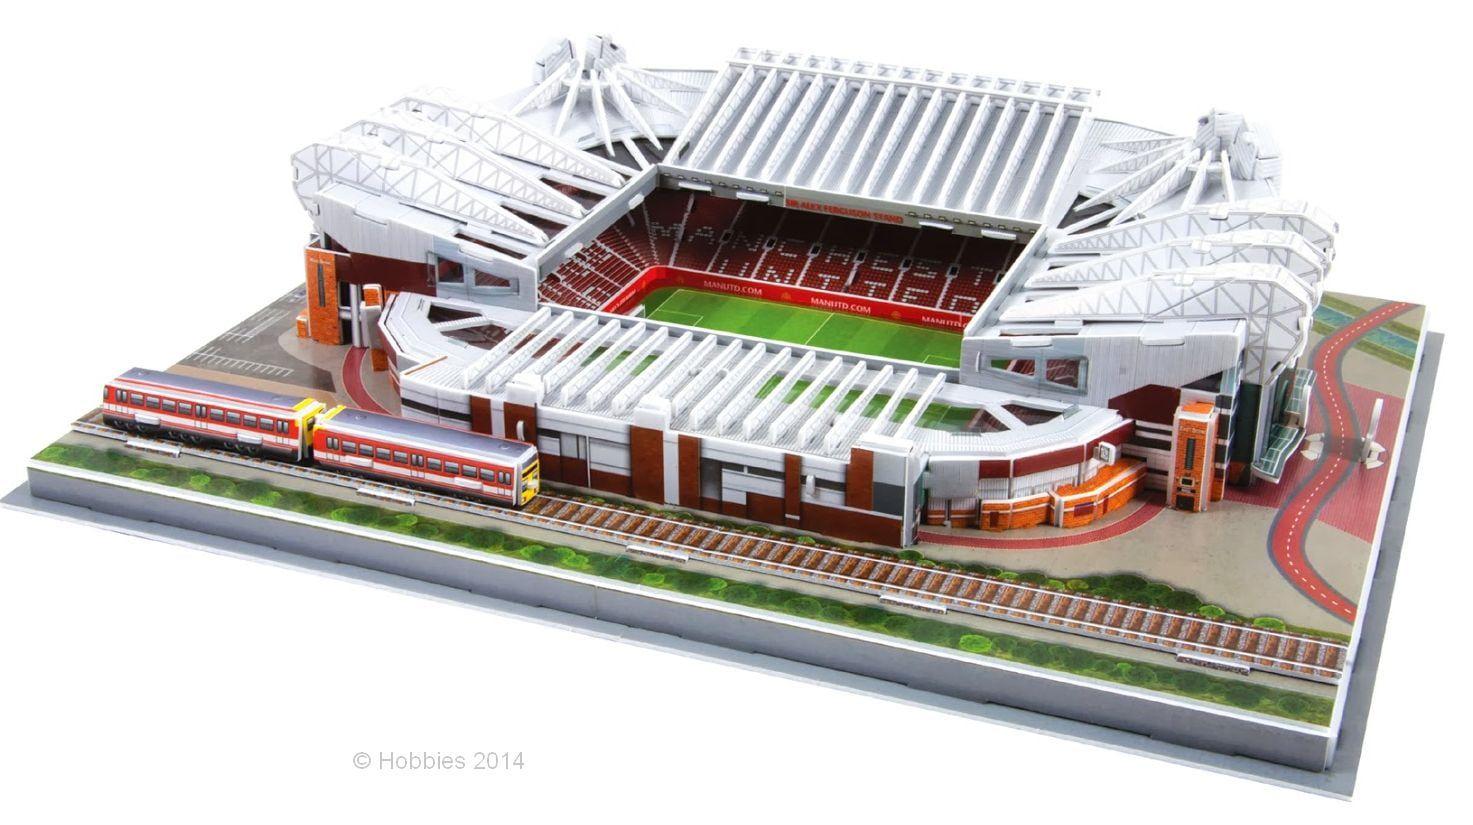 3D Replica Manchester United Football Club Old Trafford Stadium Easyfit Model 395 x 290 x90mm